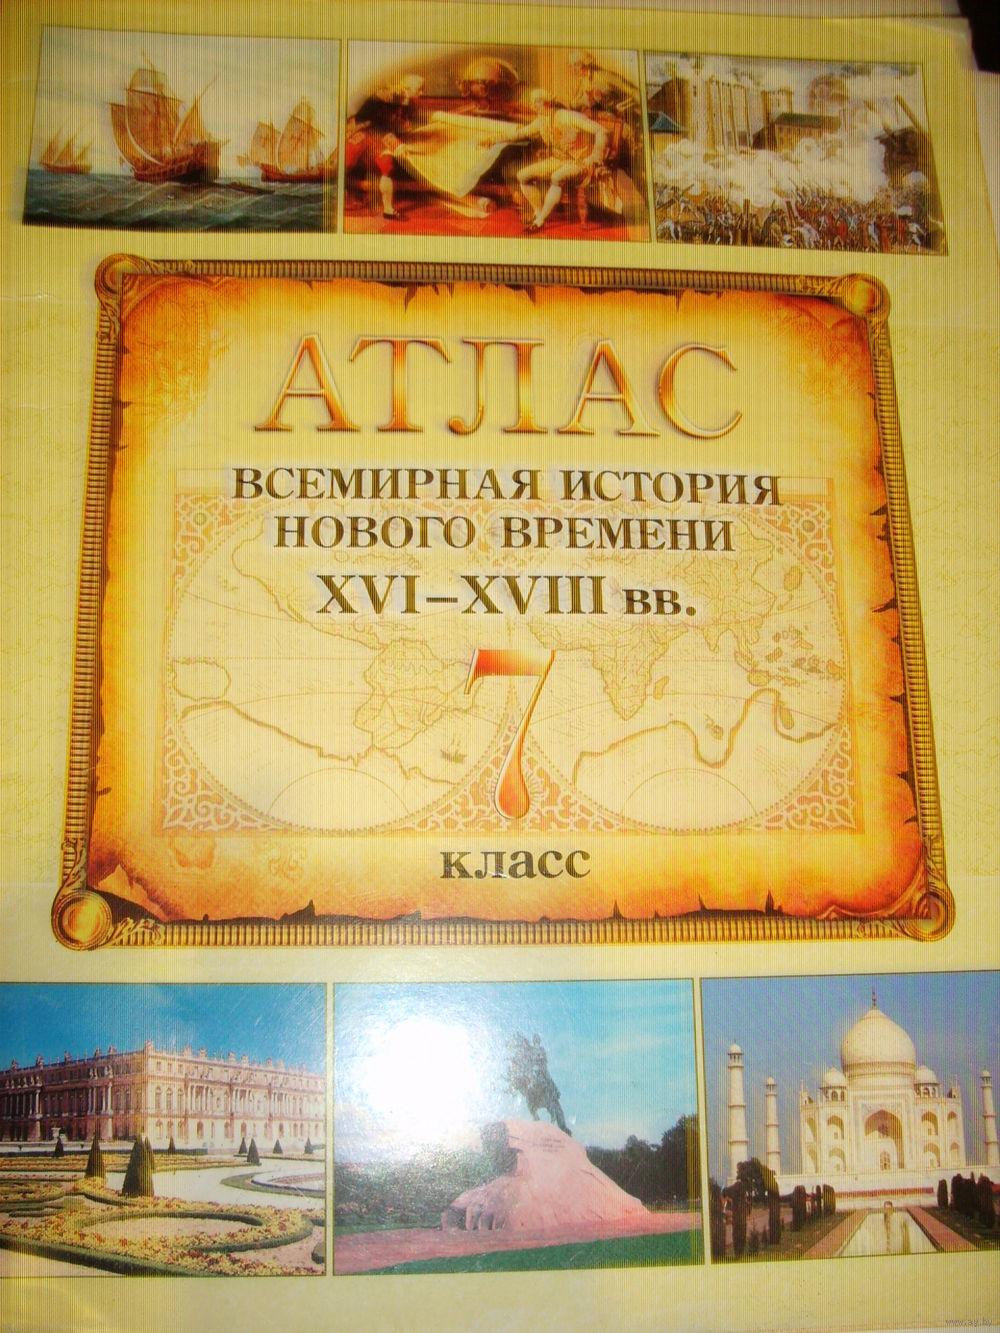 Атлас для 8 класса по всемирной истории 16-18 веках